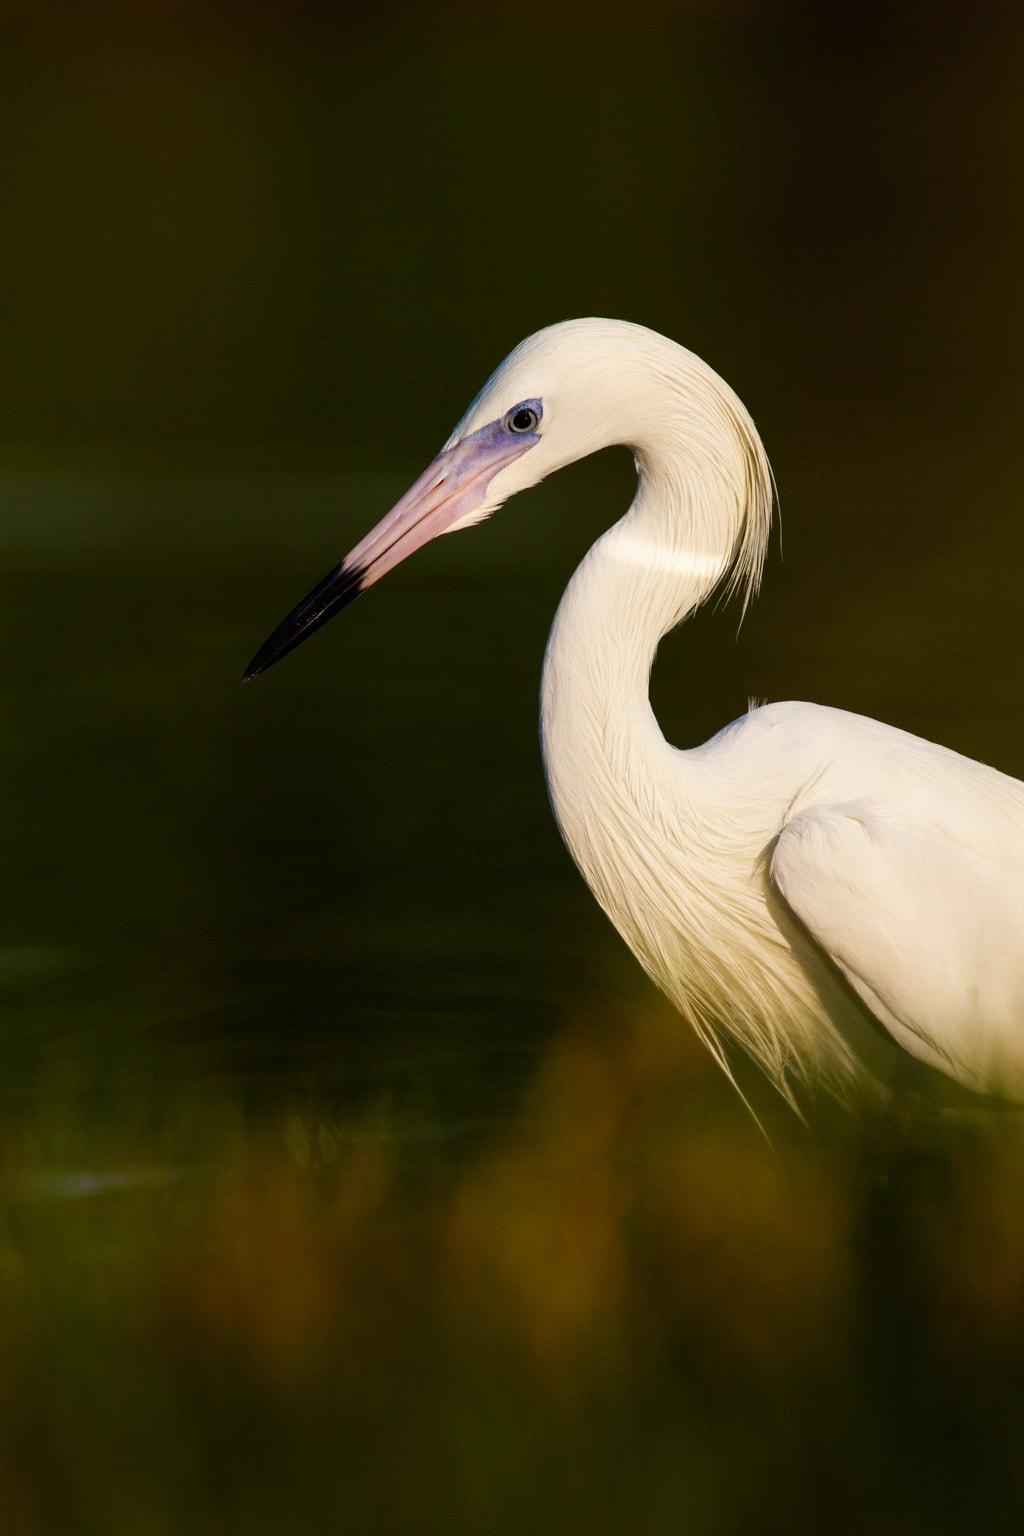 wildlife photo taken with telephoto prime lens